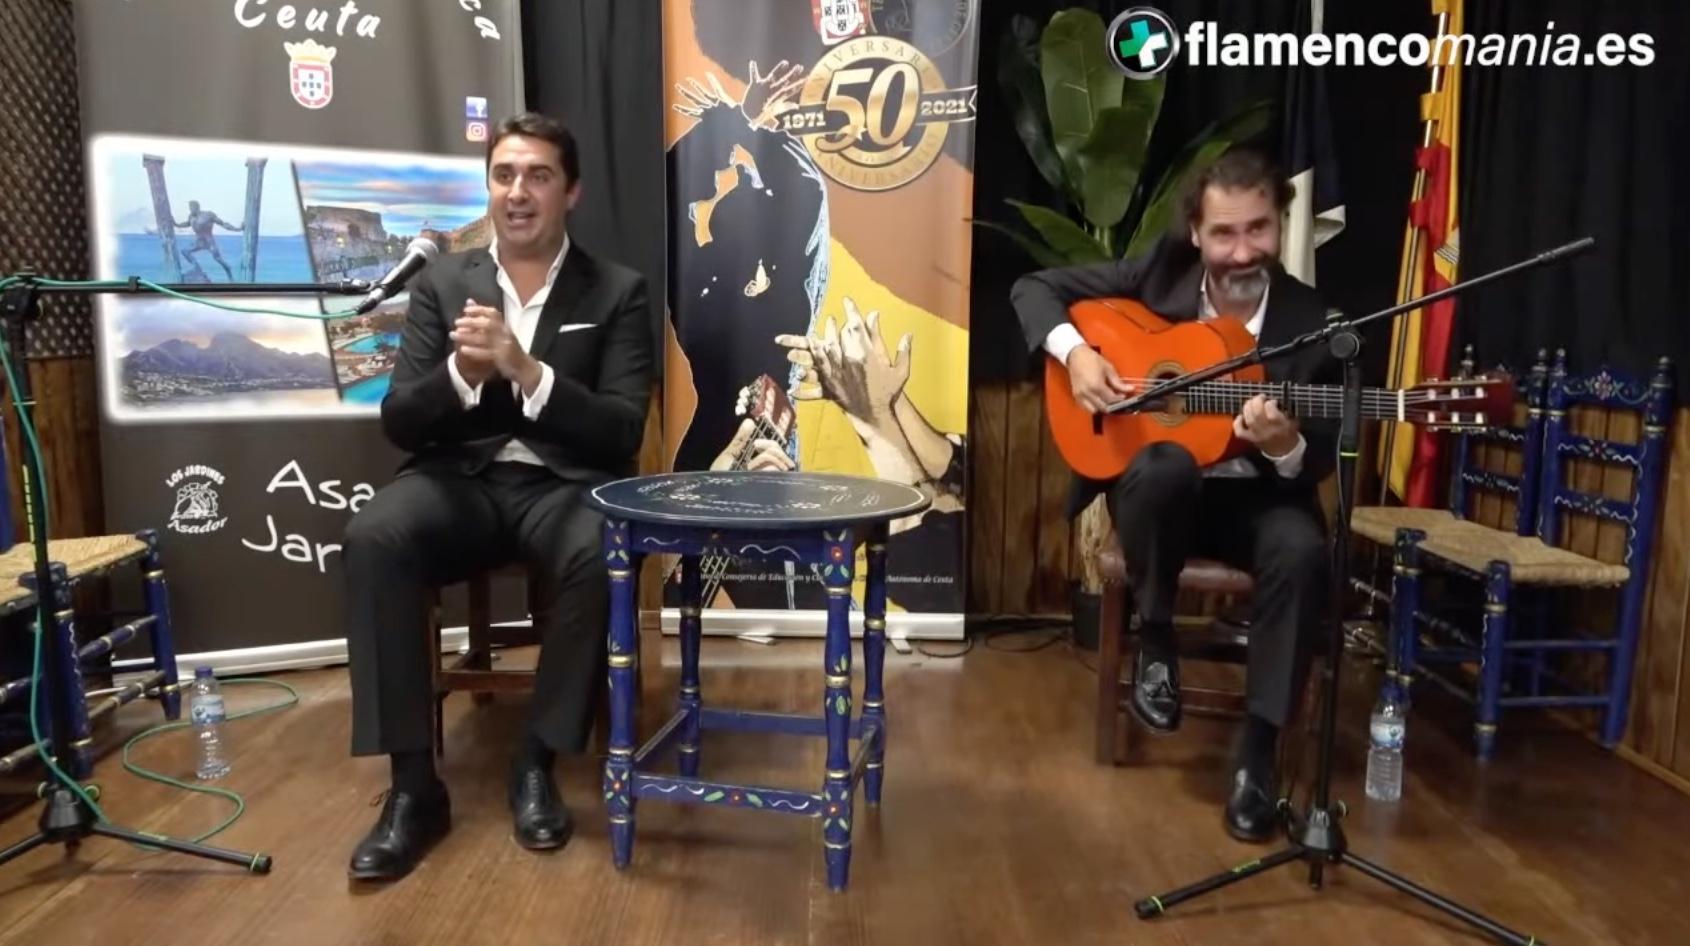 Flamencomanía TV: ''Manuel de la Fragua y José Carlos Pozo en la Tertulia Flamenca de Ceuta''